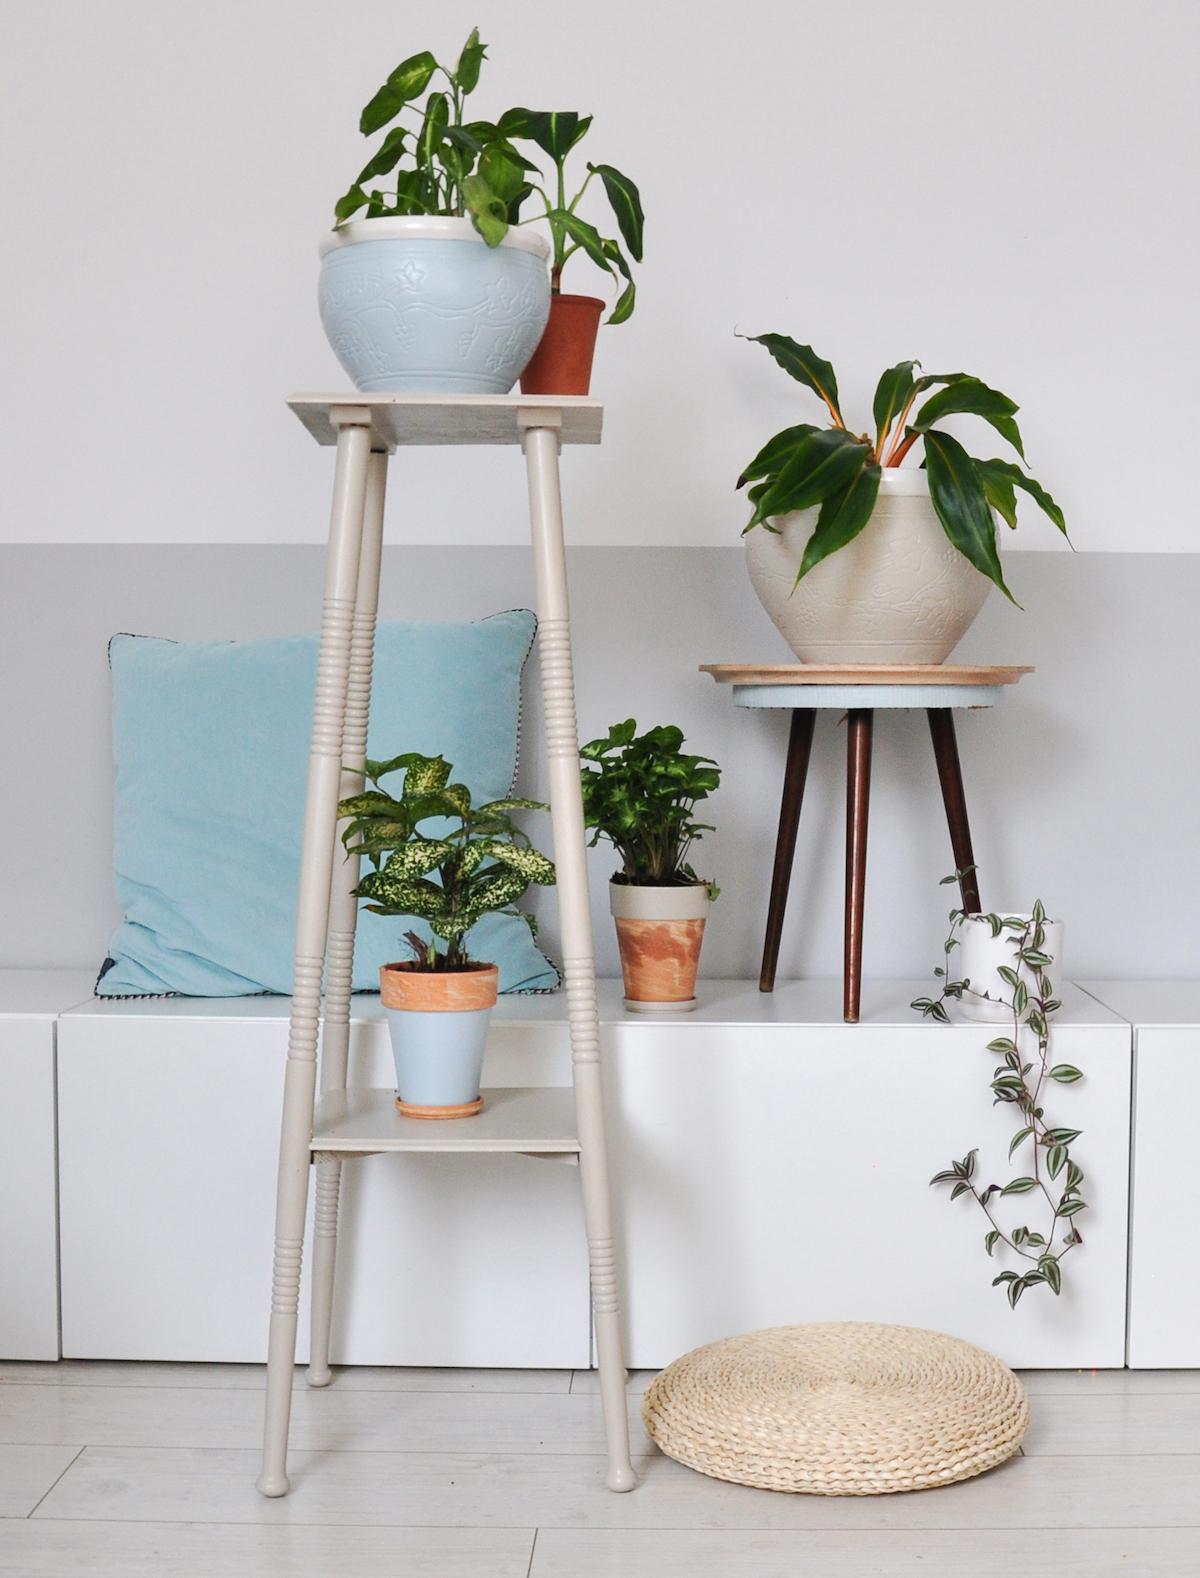 tikkurila_jak-eksponować-rośliny_11